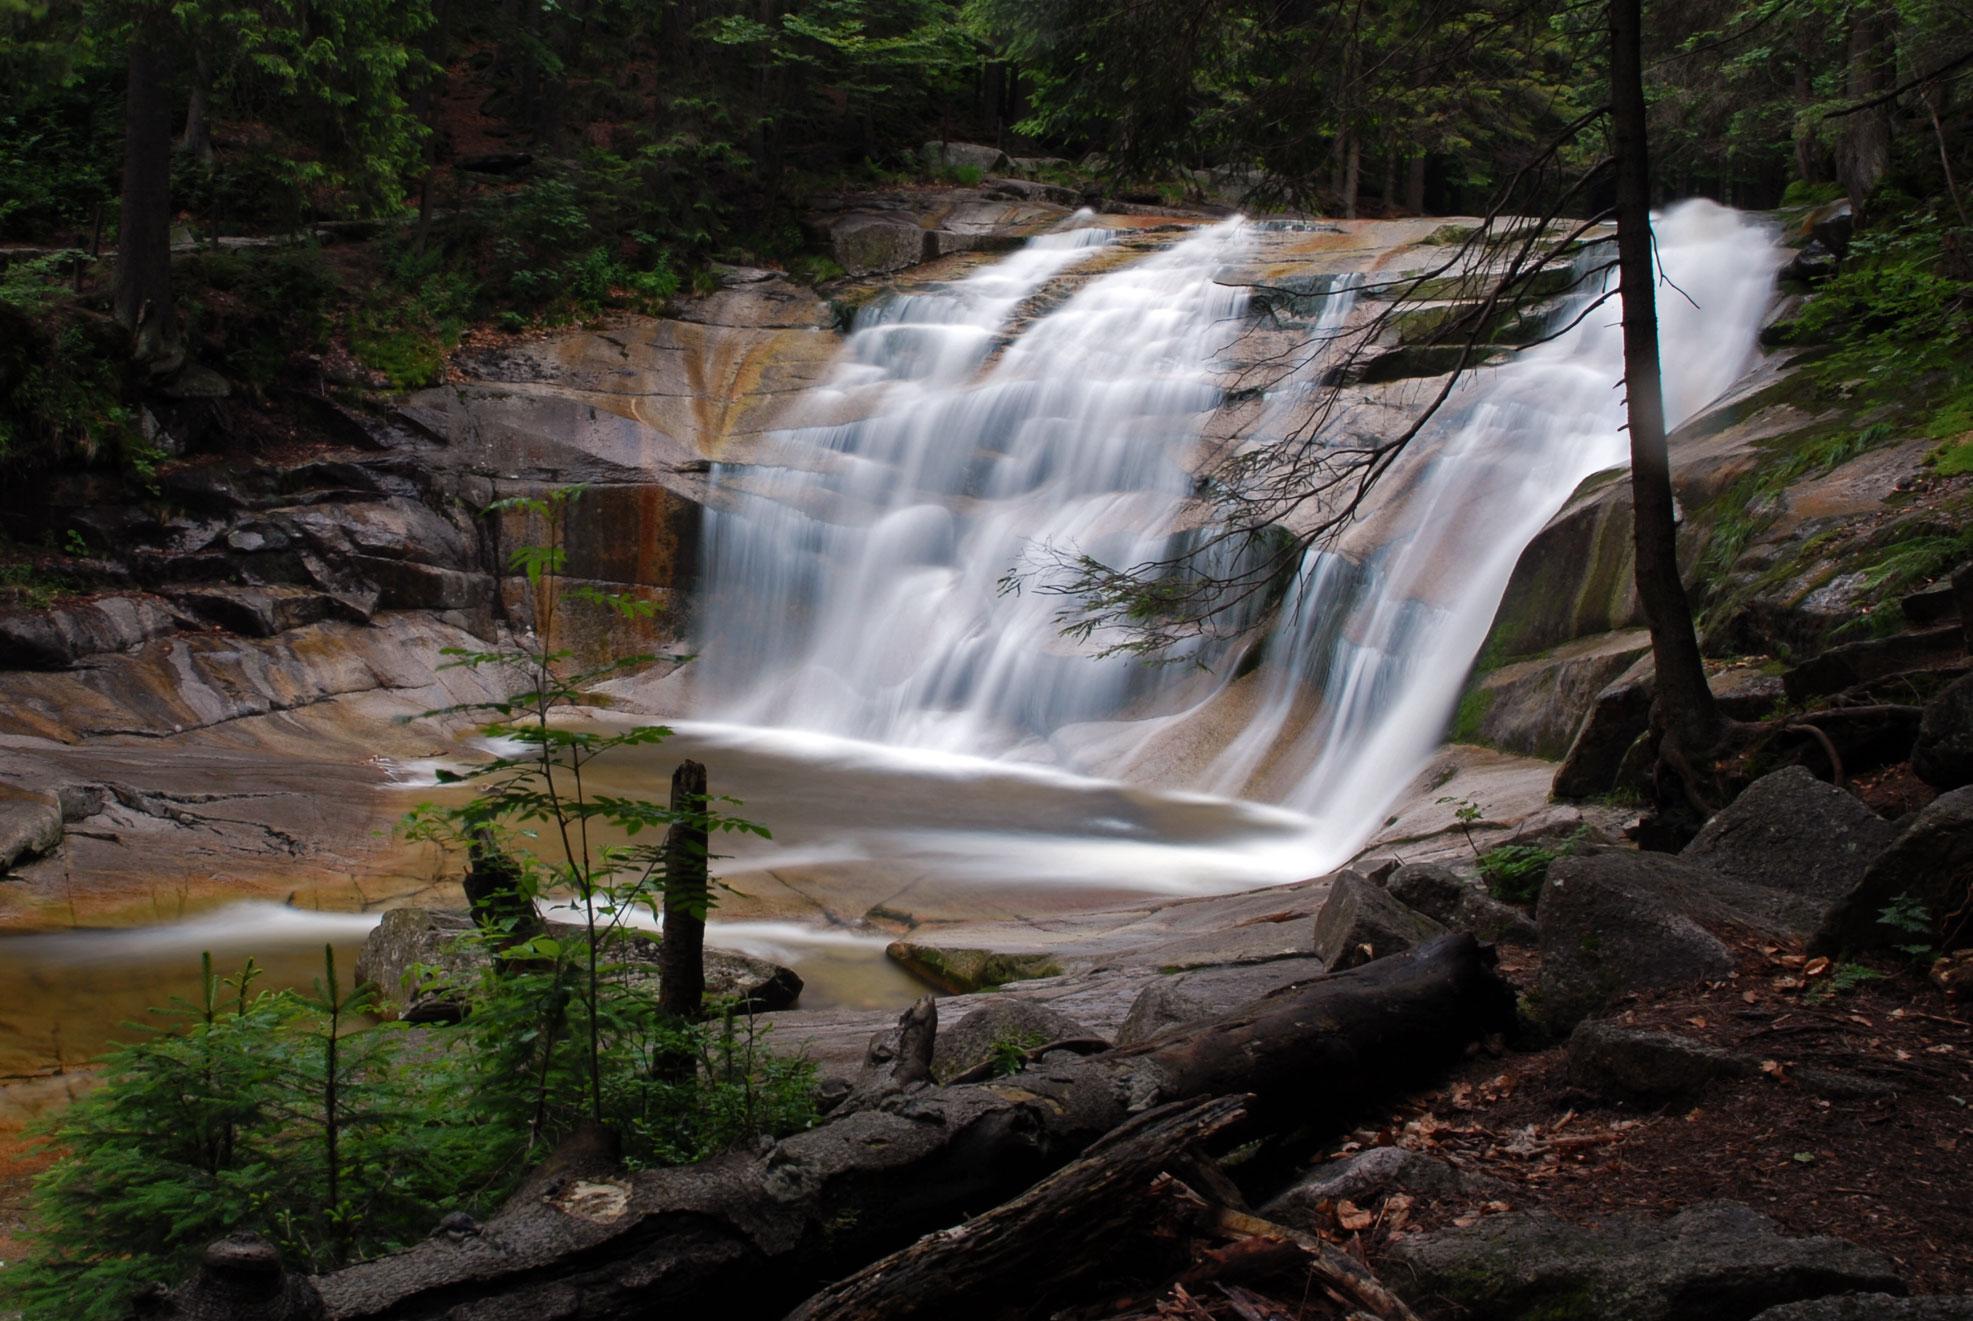 Mumlava waterfall, Harrachov, Czech Republic, Czech Republic